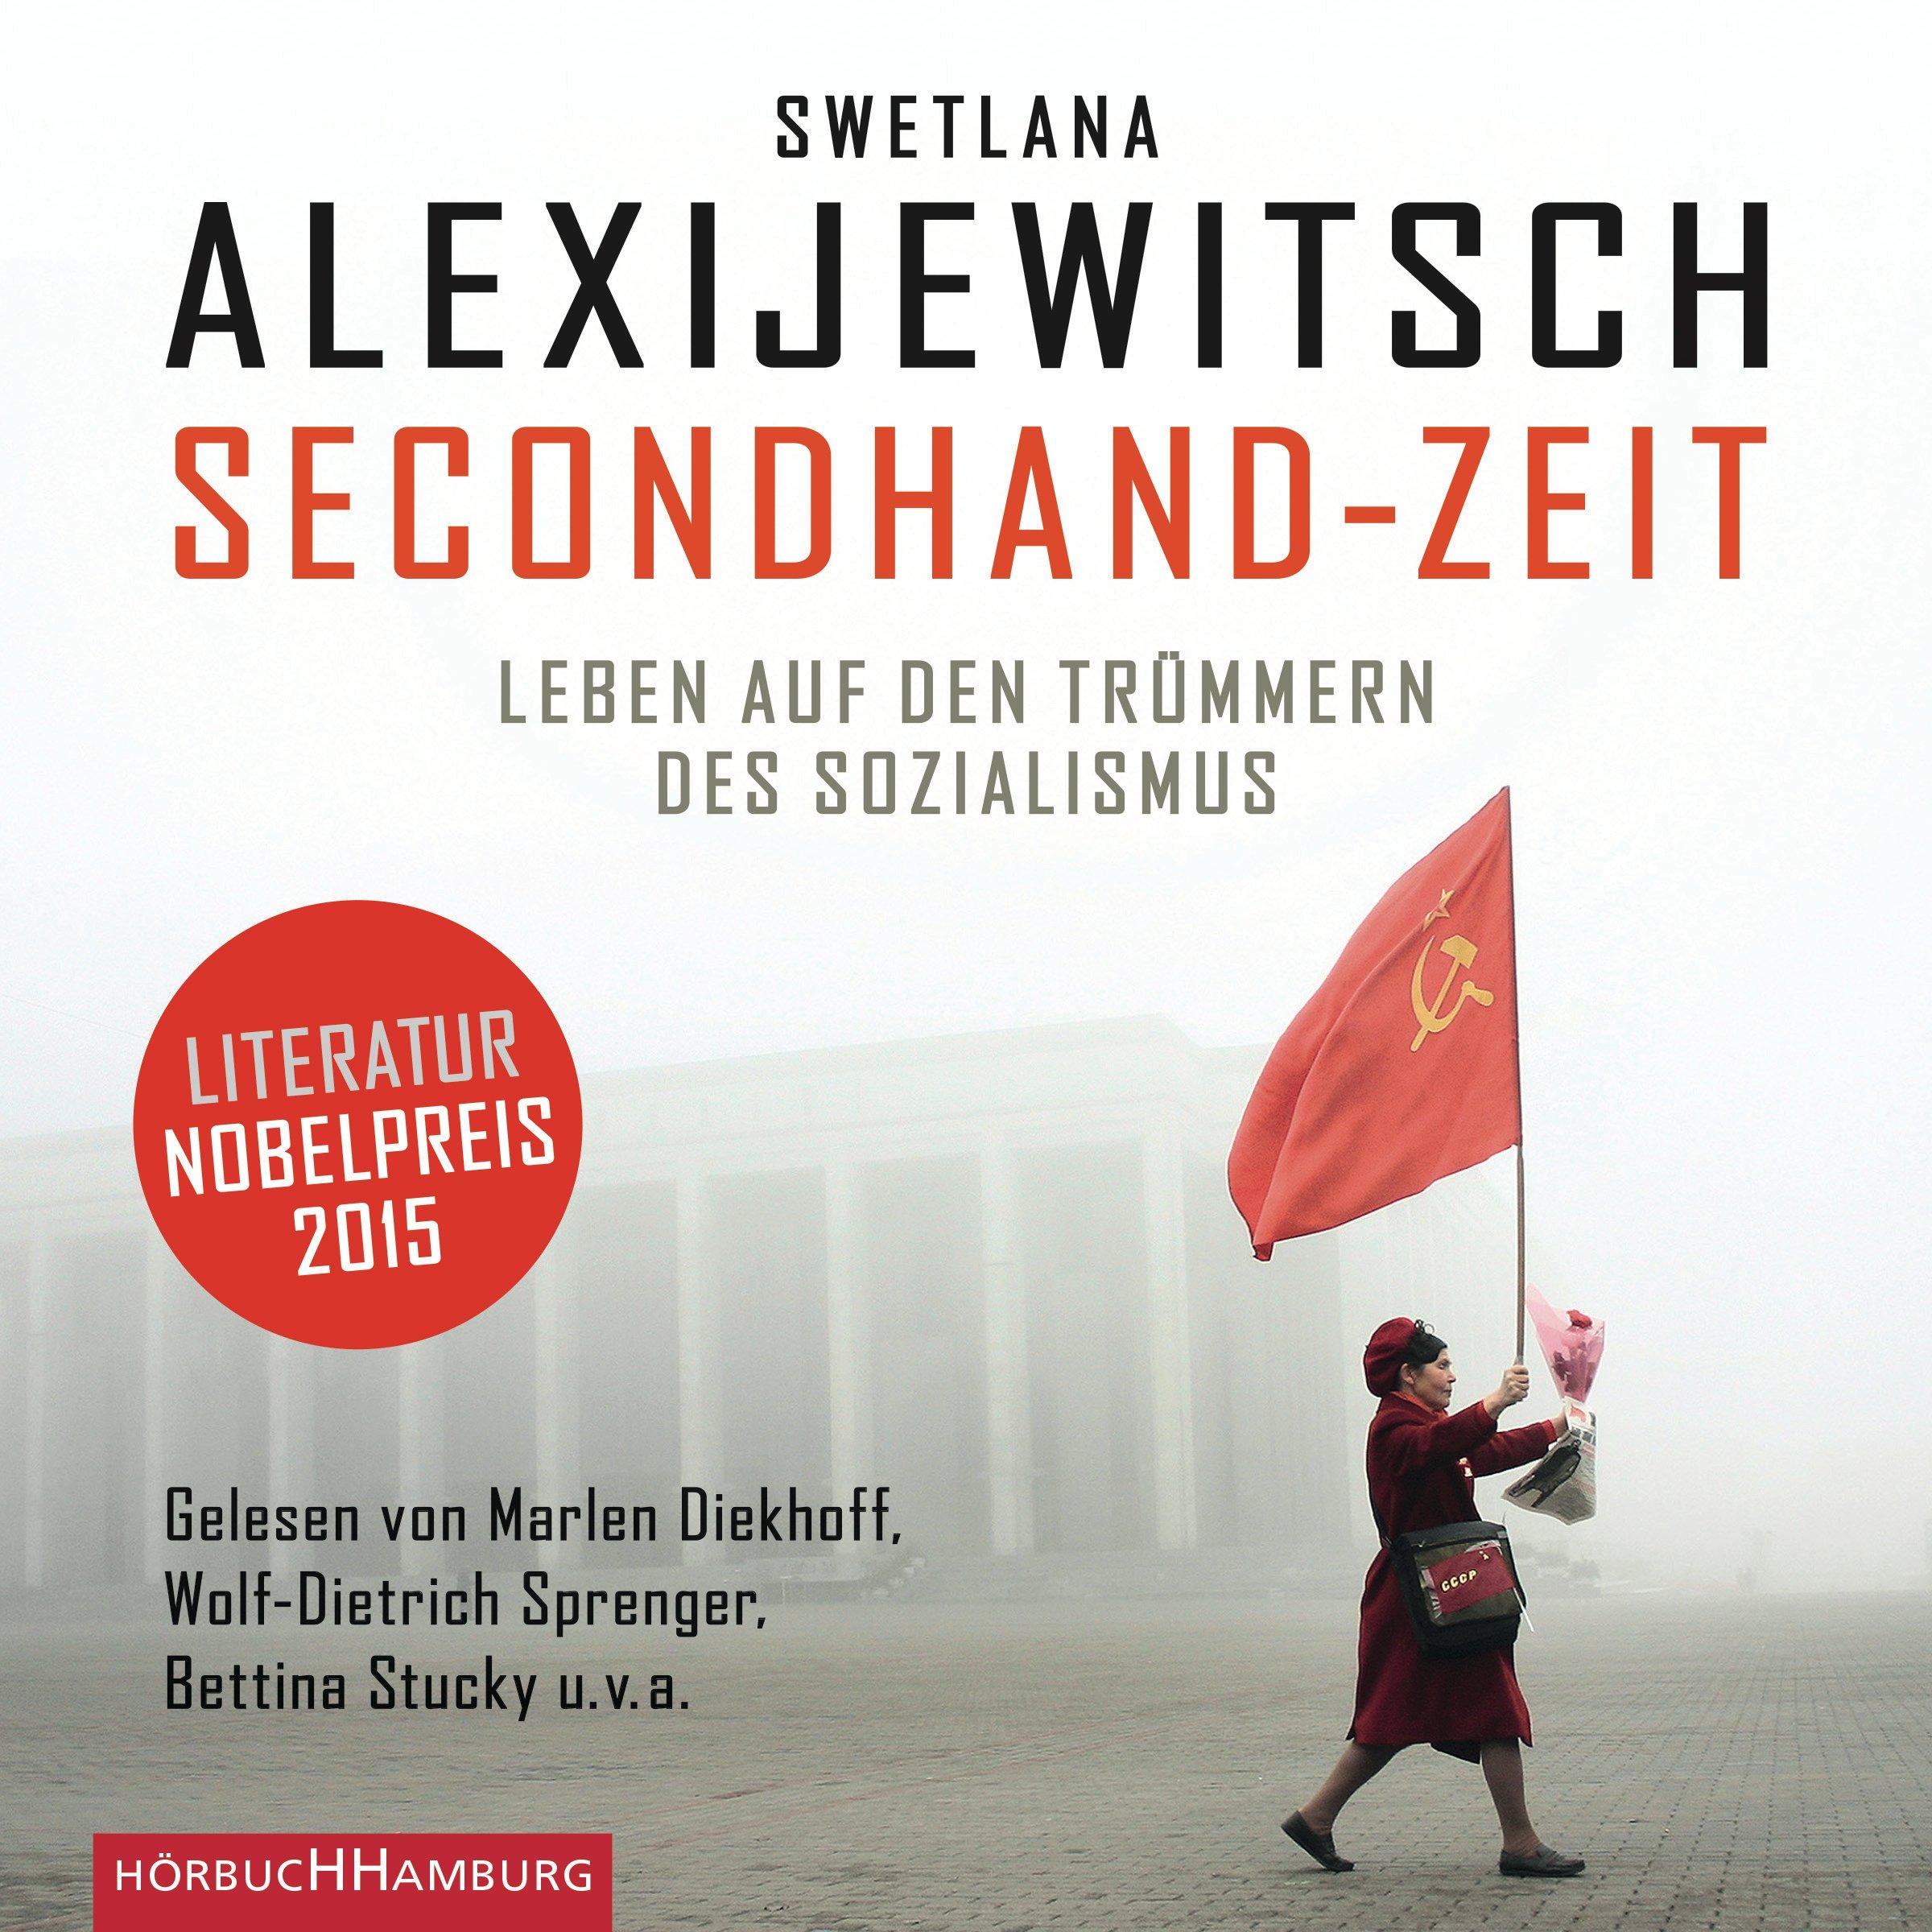 Secondhand-Zeit: Leben auf den Trümmern des Sozialismus: 8 CDs